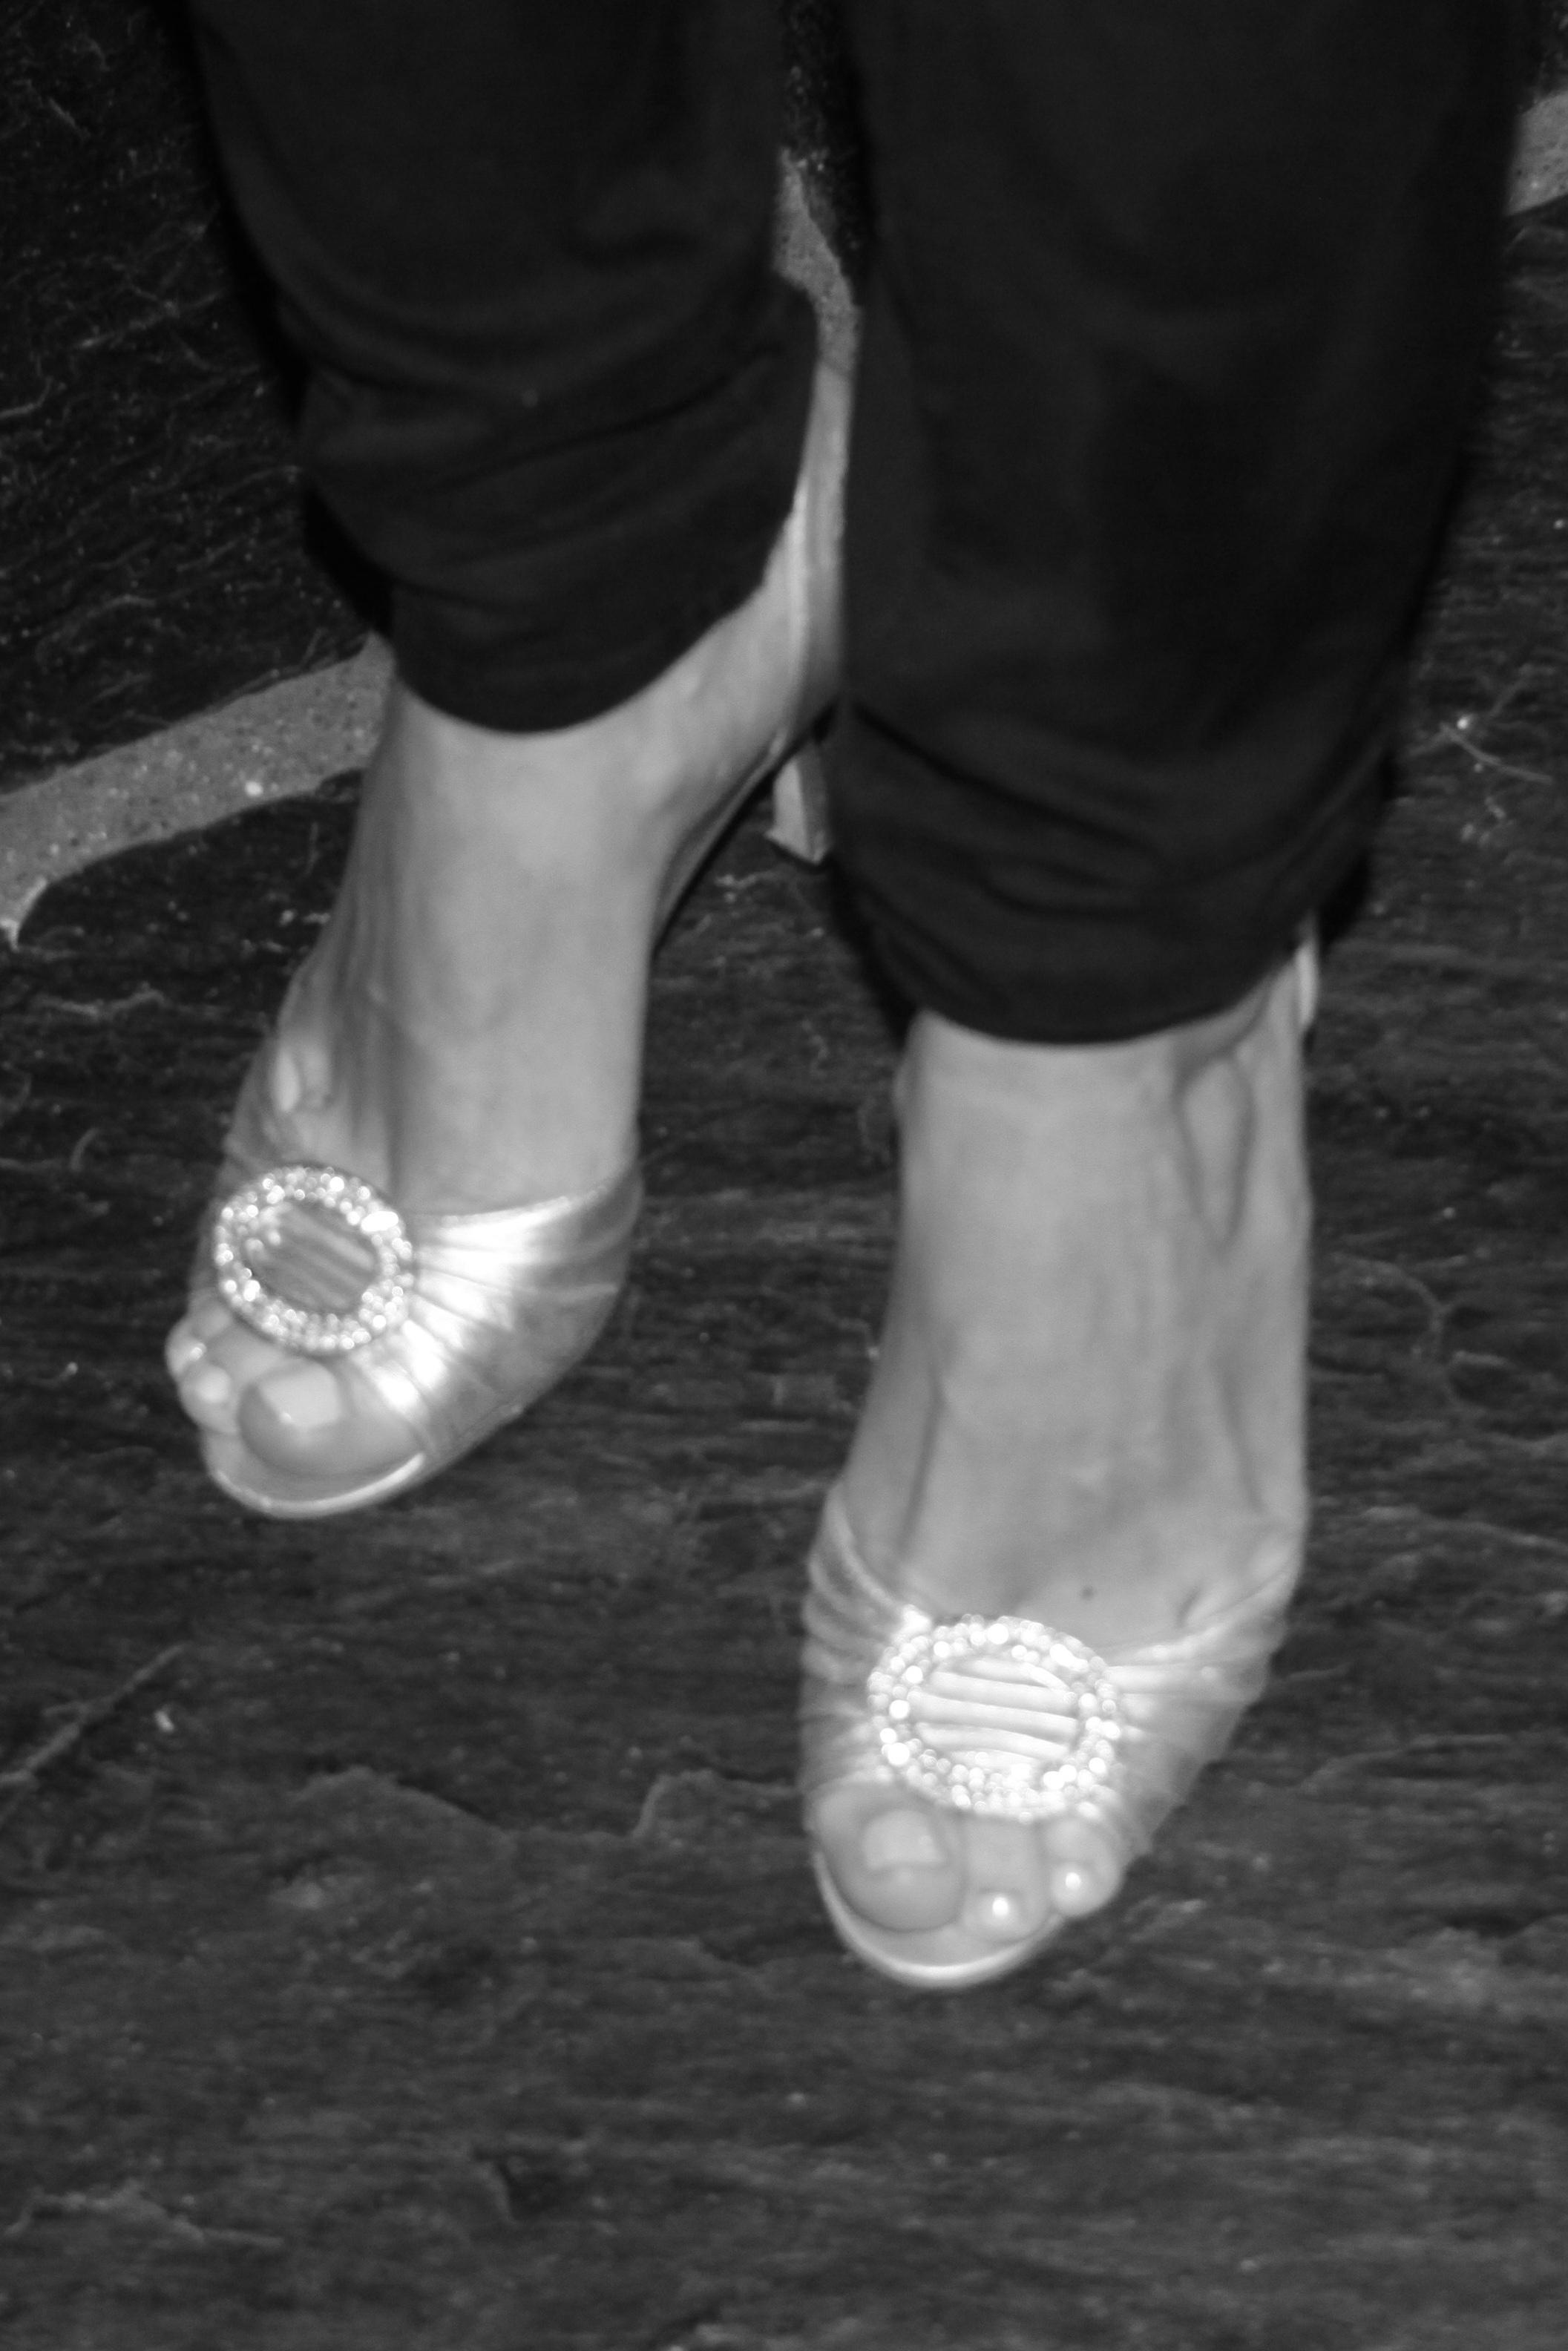 """"""" Forloverskoene"""" For flere også kjent som skoene som ble stjålet fra Carrie i Sex & the City under en barnebursdag hvor hun måtte sette skoene fra seg i gangen"""